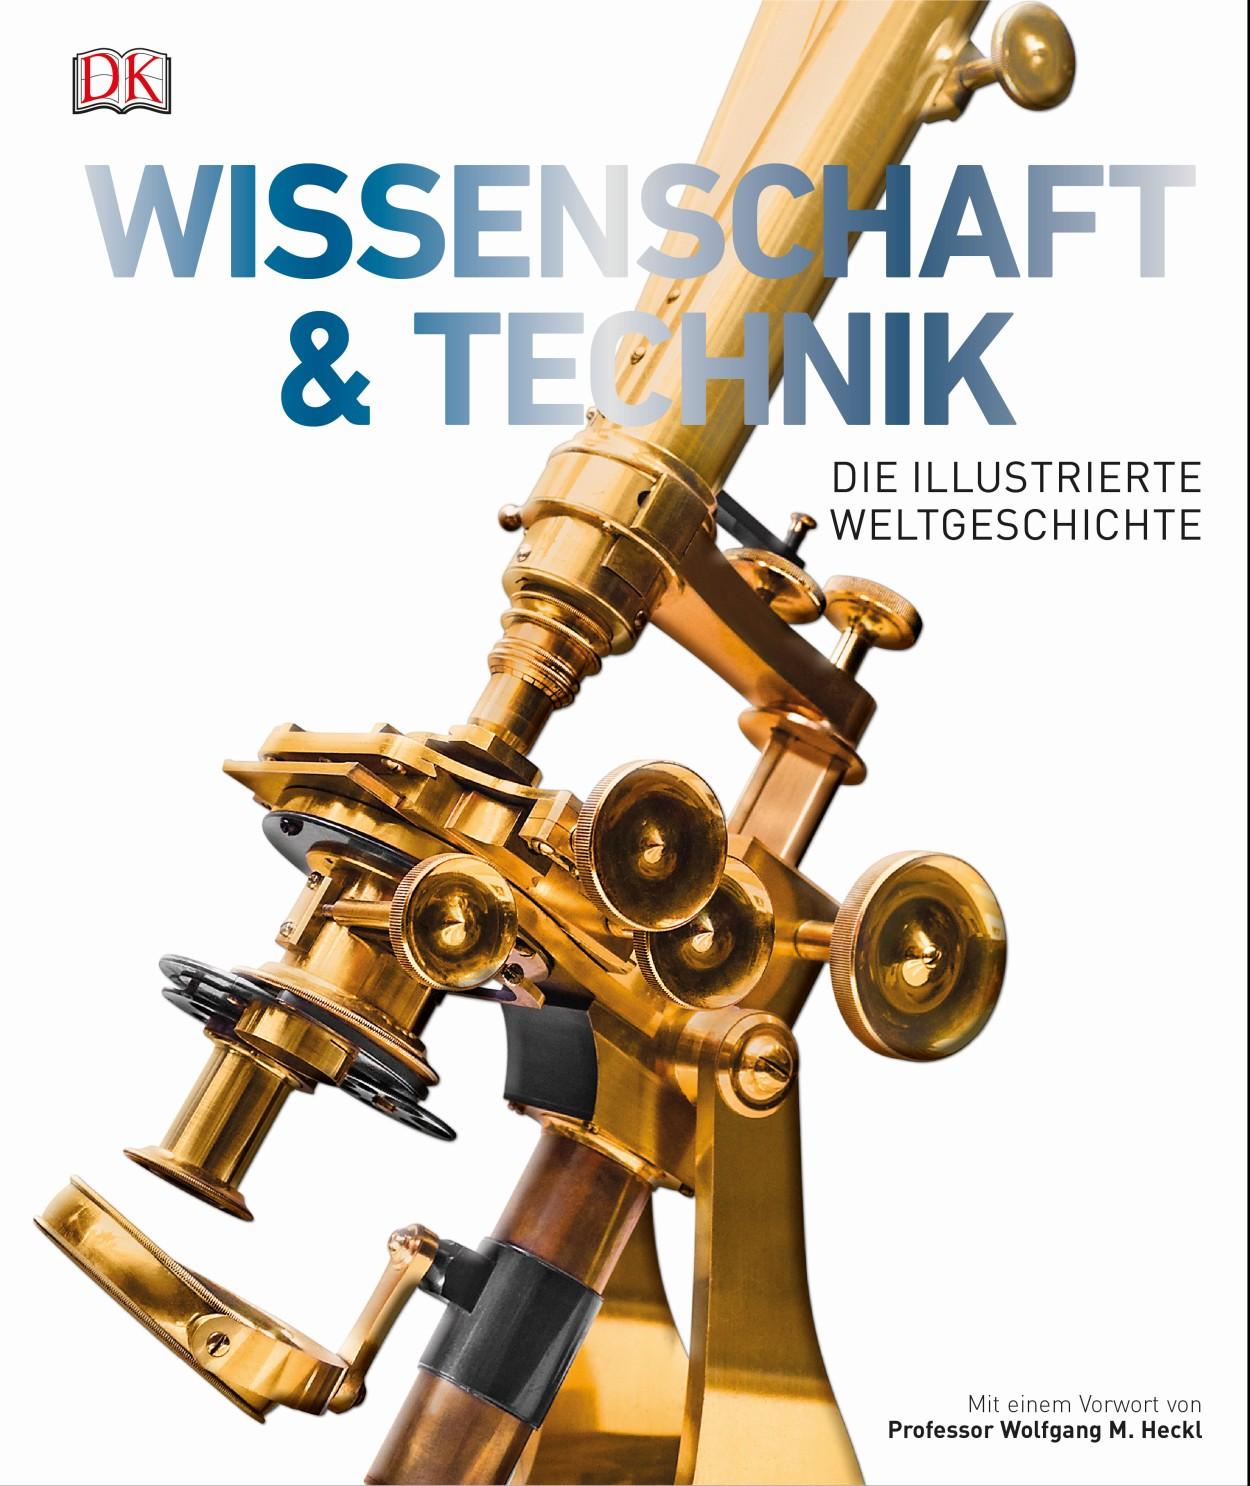 Buch Wissenschaft und Technik - Die illustrierte Weltgeschichte - nicht nur für Uhrenfreunde